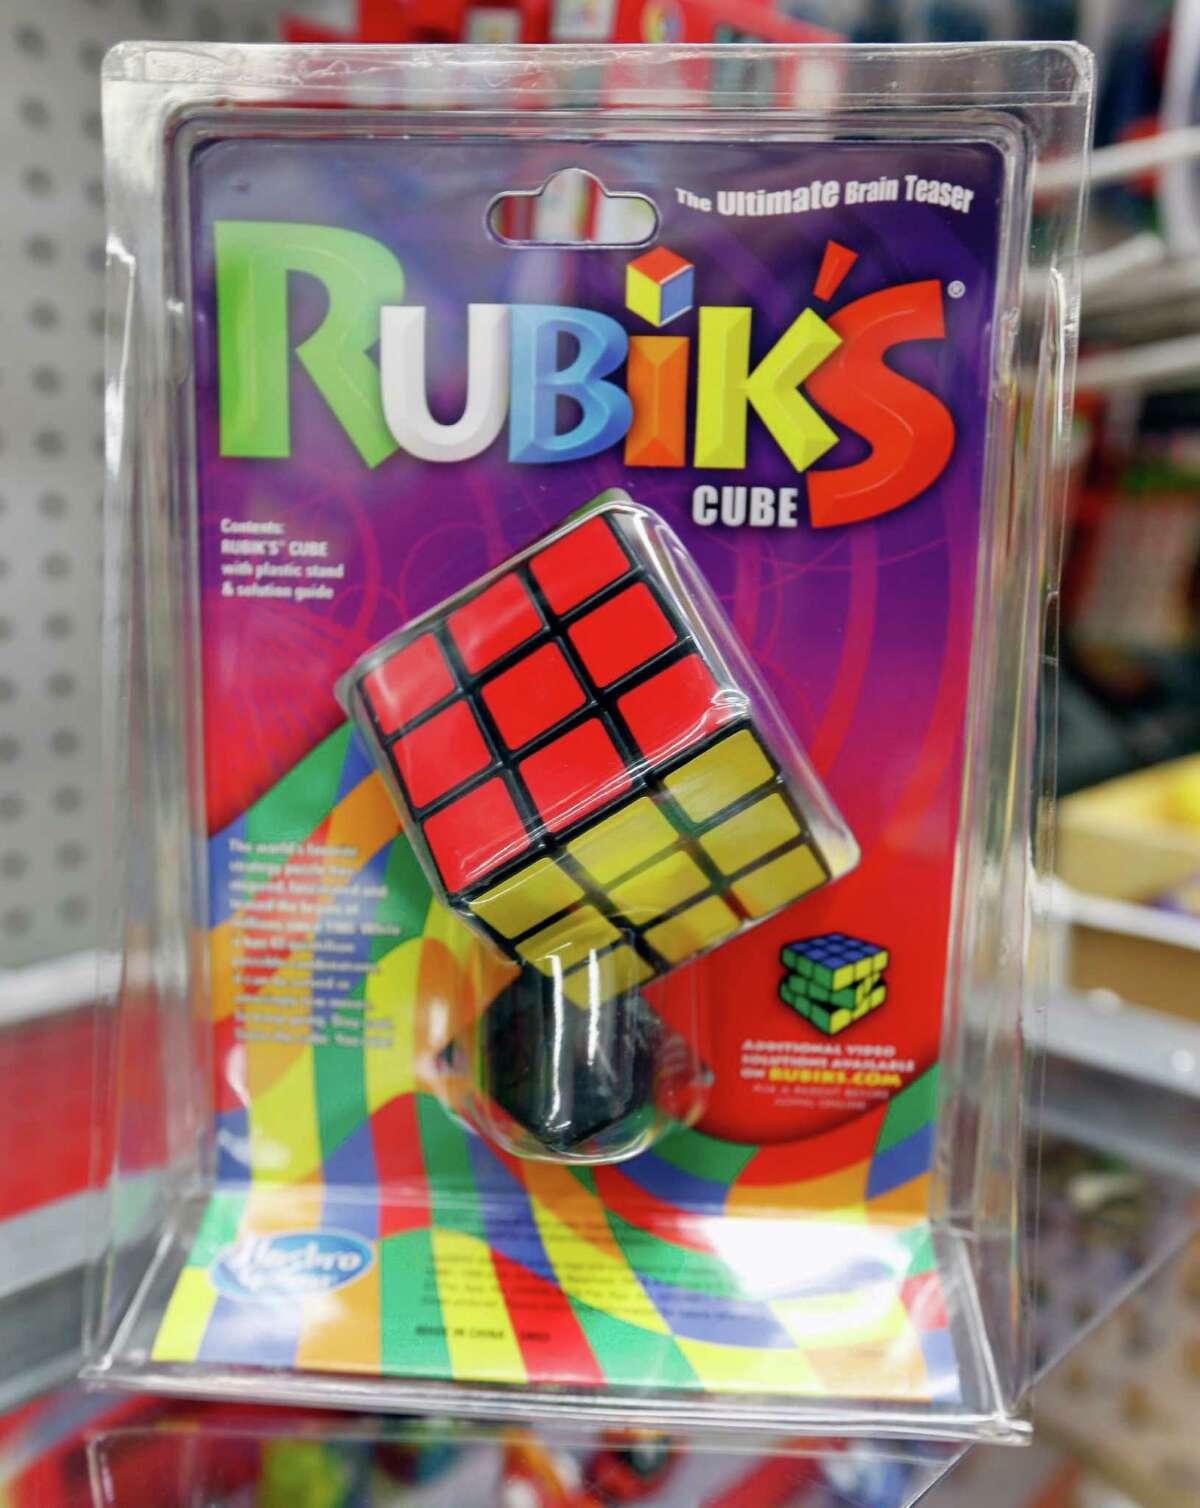 2) How to solve a Rubik's cube: Please teach us.